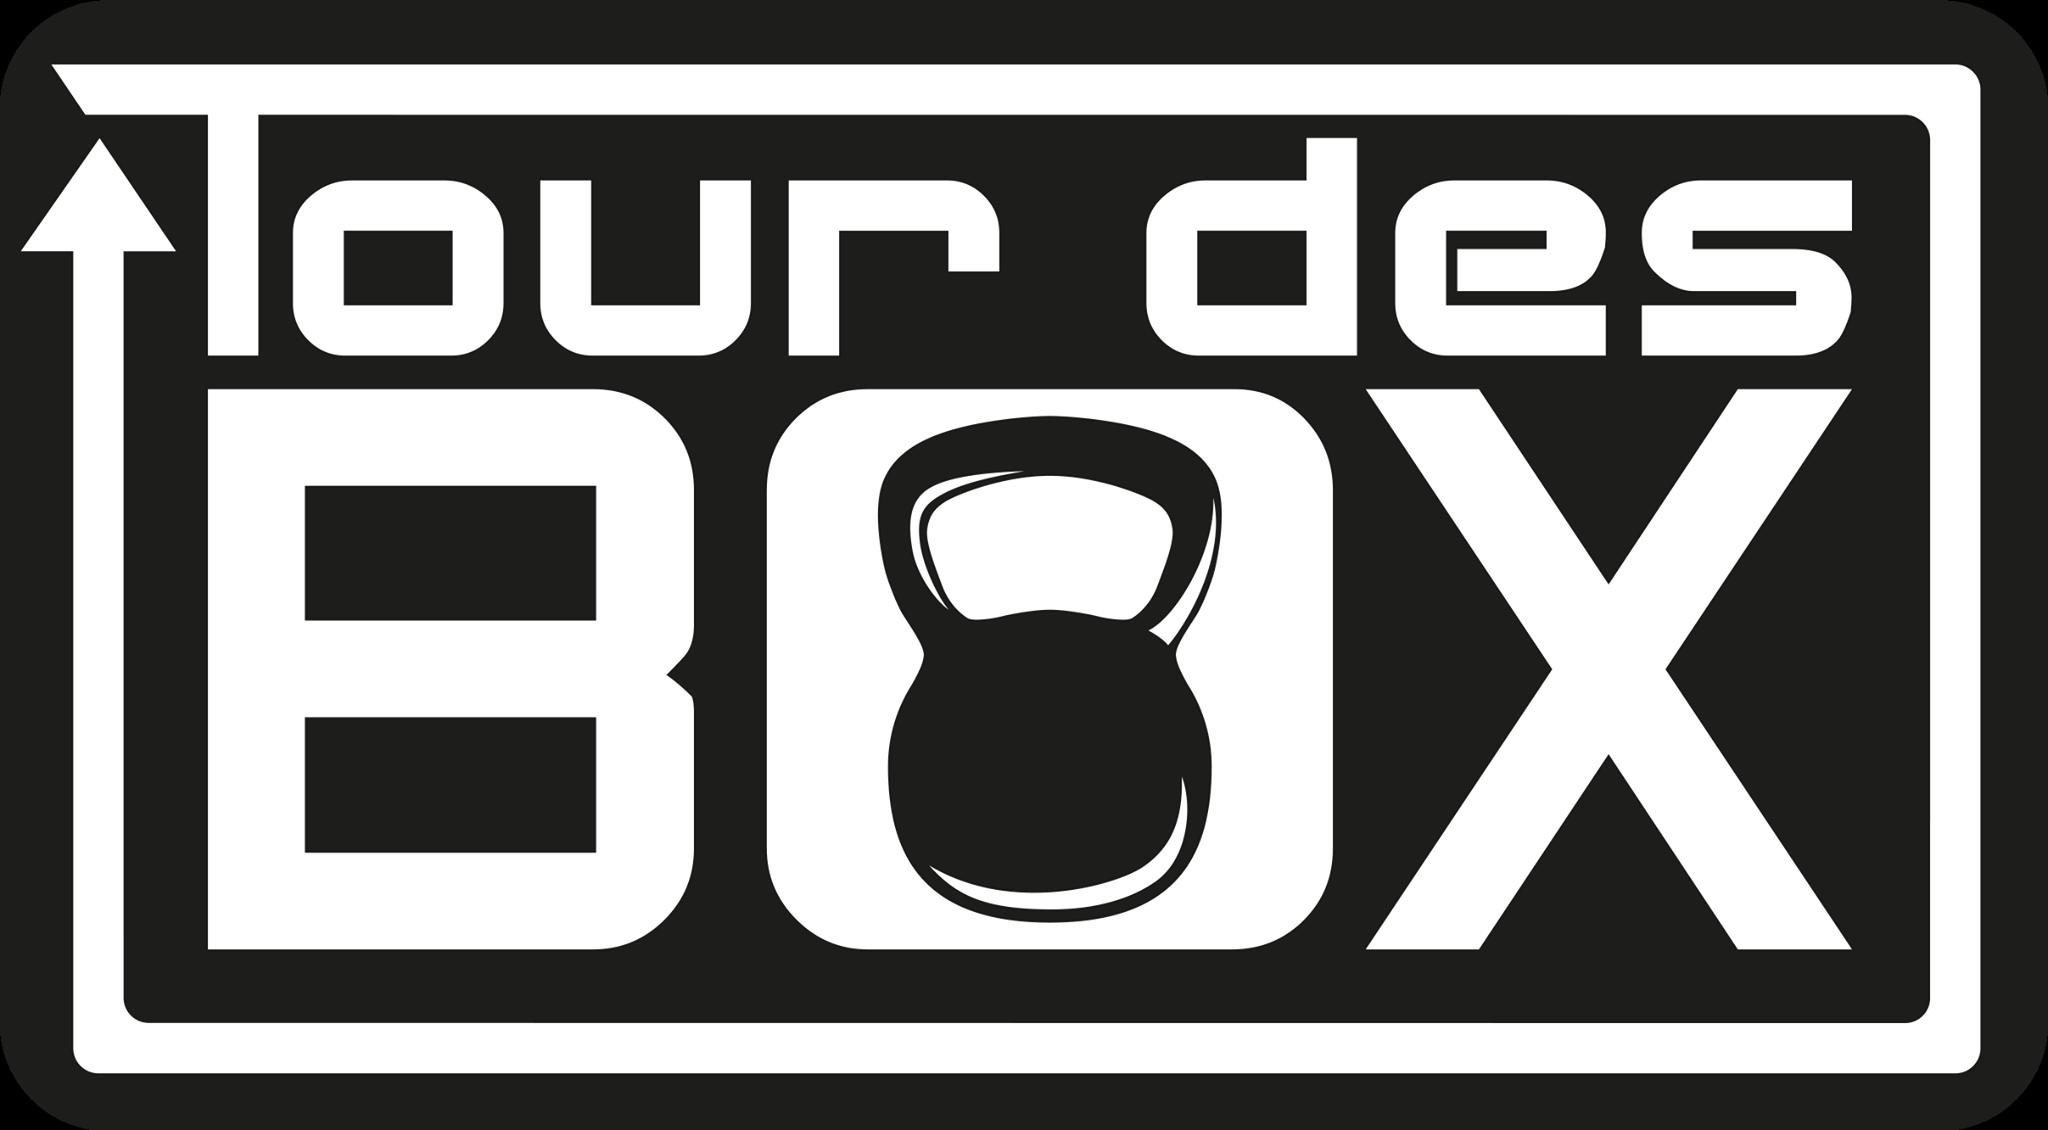 Tour des Box